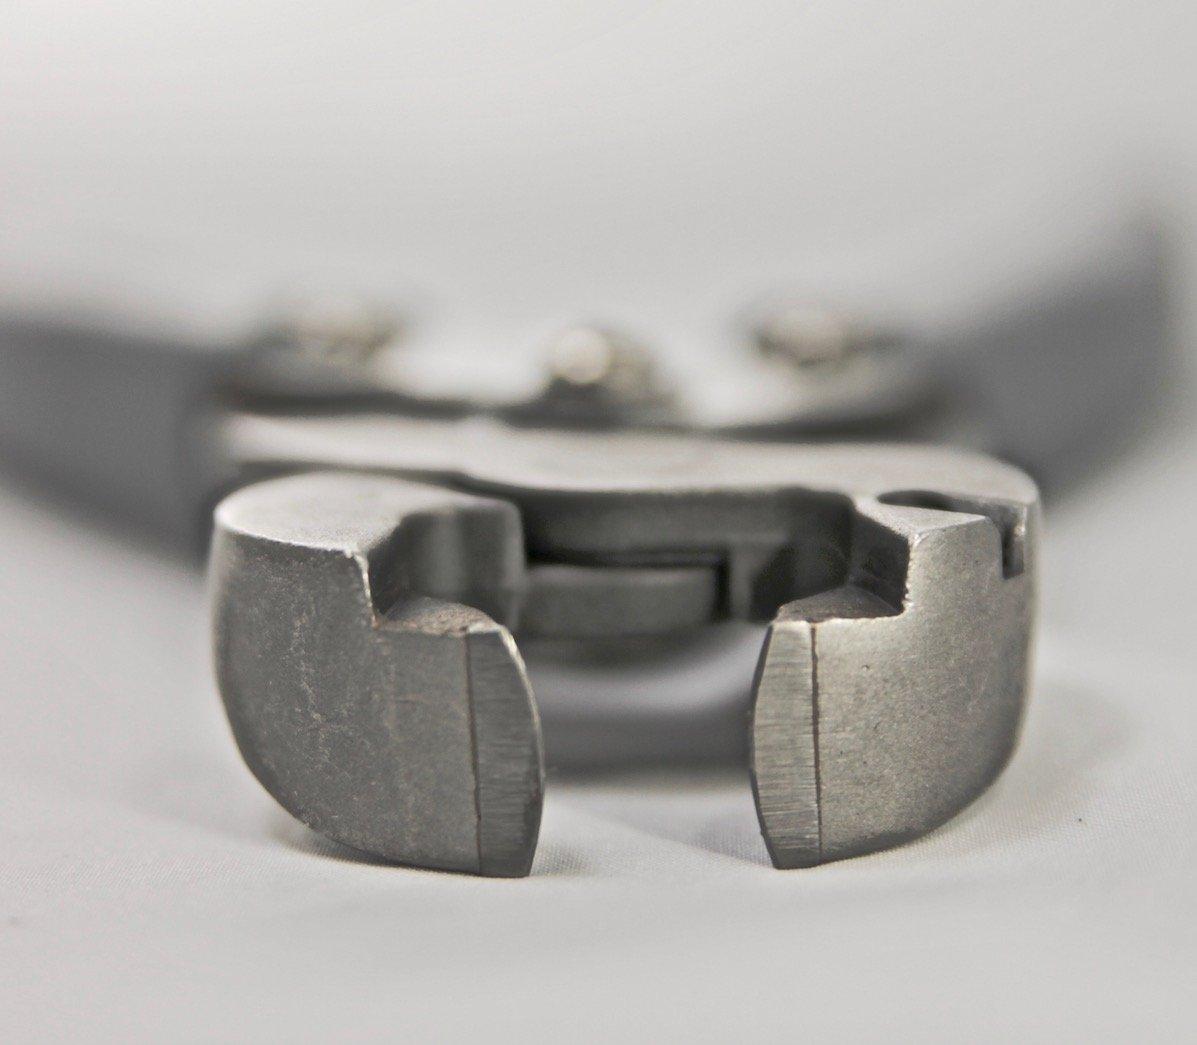 Superior P1N1 Platinum Tile Nipper Cutter with Scoring Wheel - Laminate Floor Coverings - Amazon.com